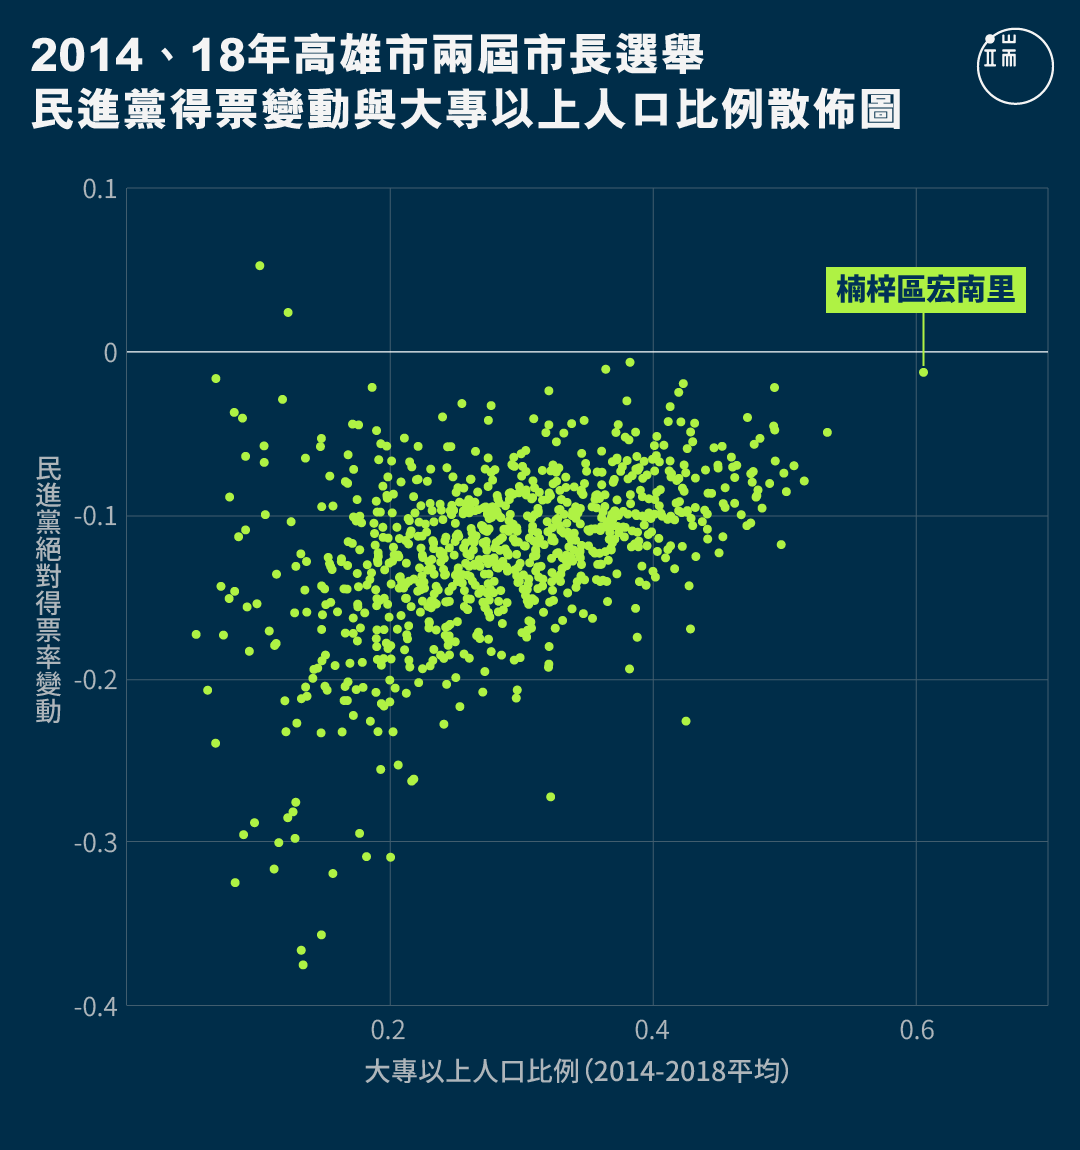 2014、18年高雄市兩屆市長選舉民進黨得票變動與大專以上人口比例散佈圖。